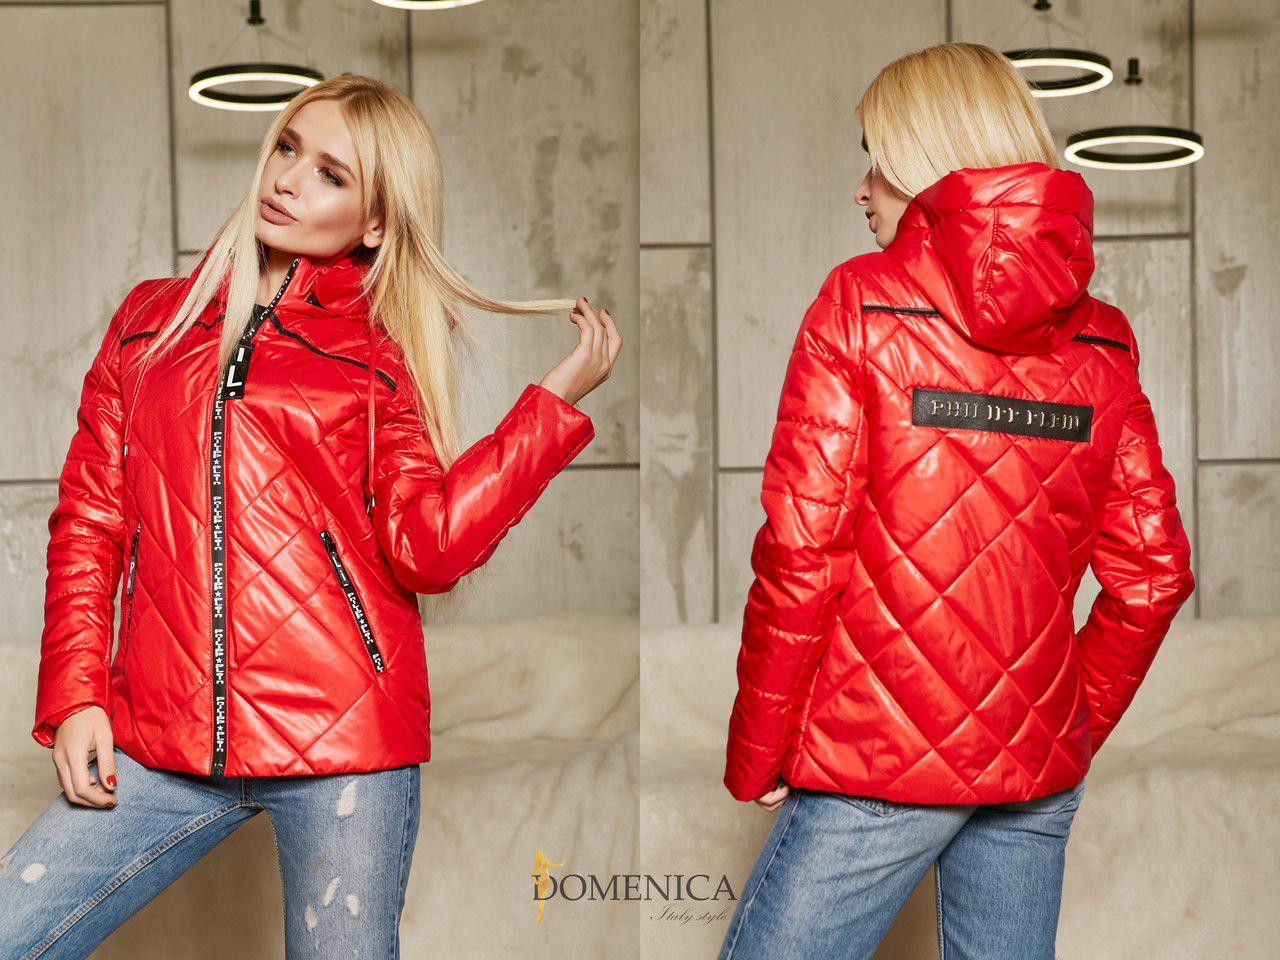 64d9c814e4b Короткая женская демисезонная куртка с капюшоном в расцветках (от 42 до 52  размера) v4725